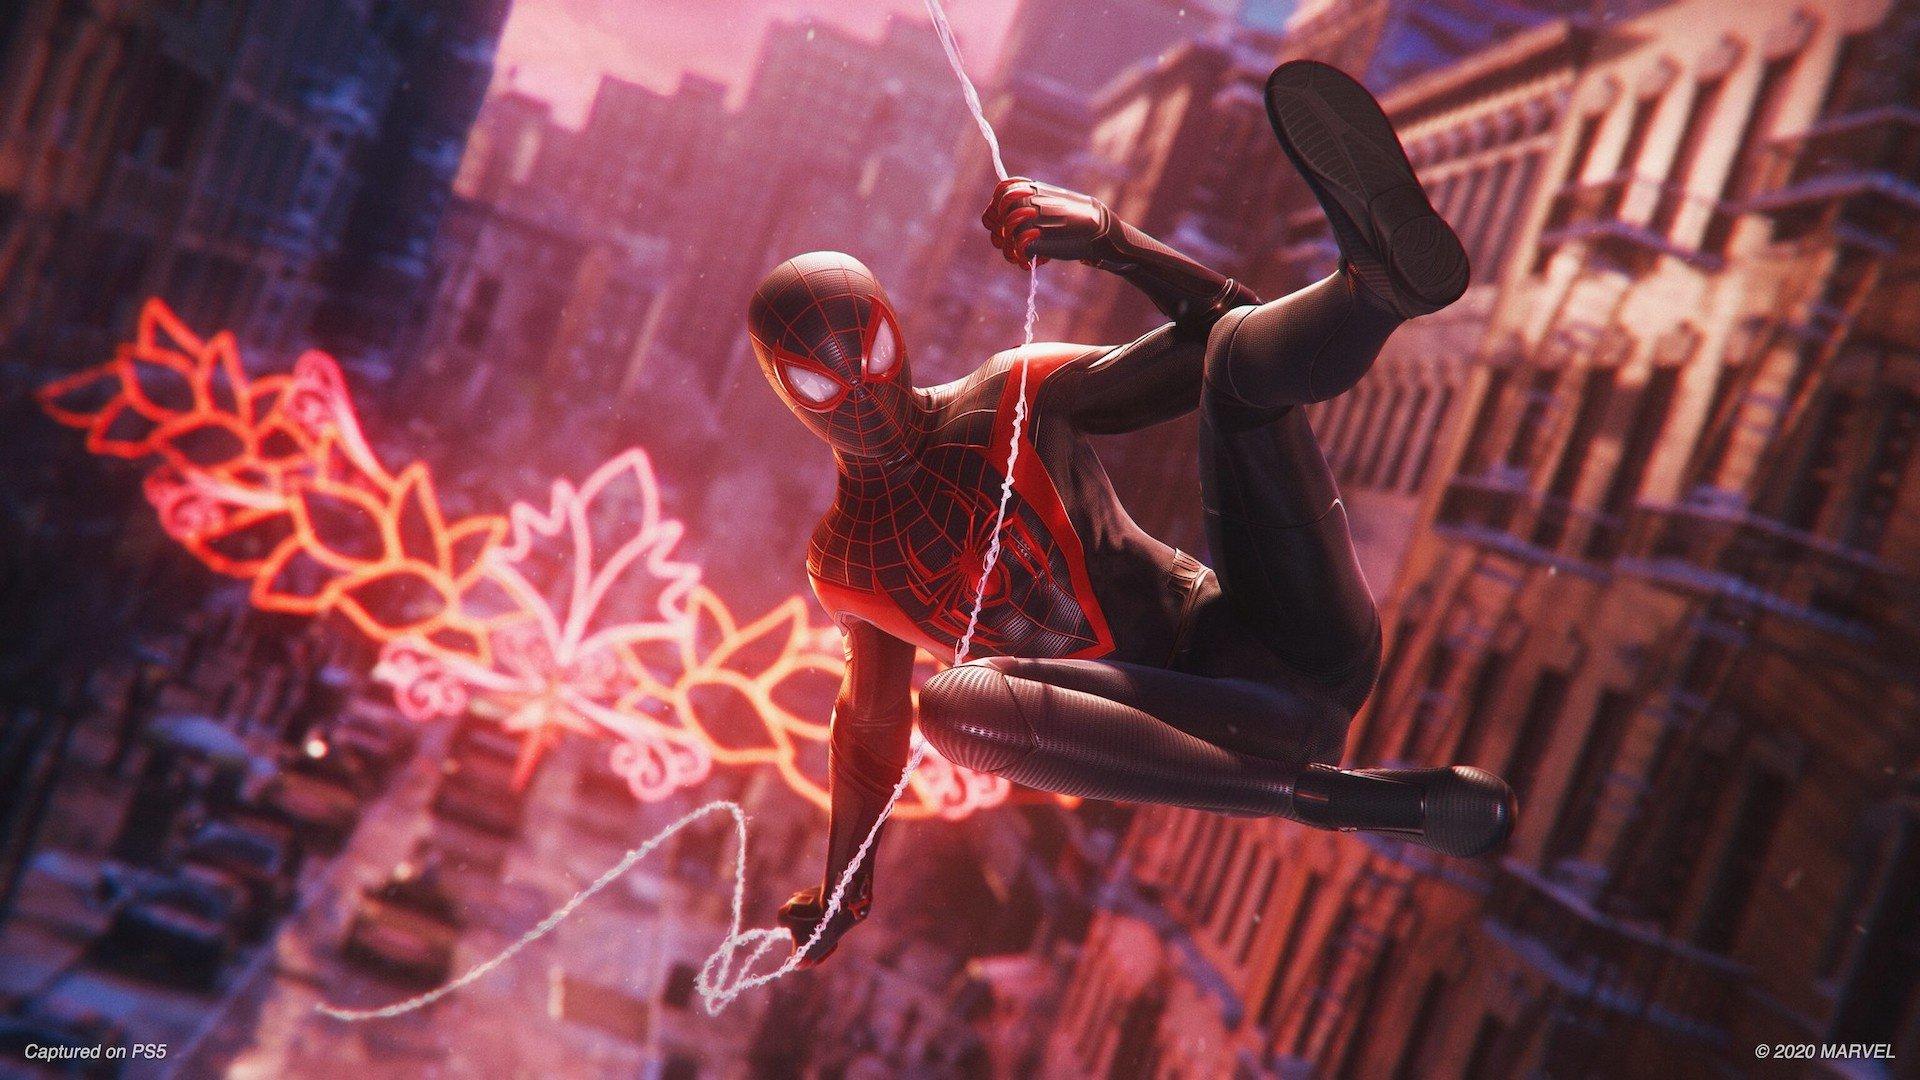 marvels-spider-man-miles-morales-ps5-playstation-5.original.jpg